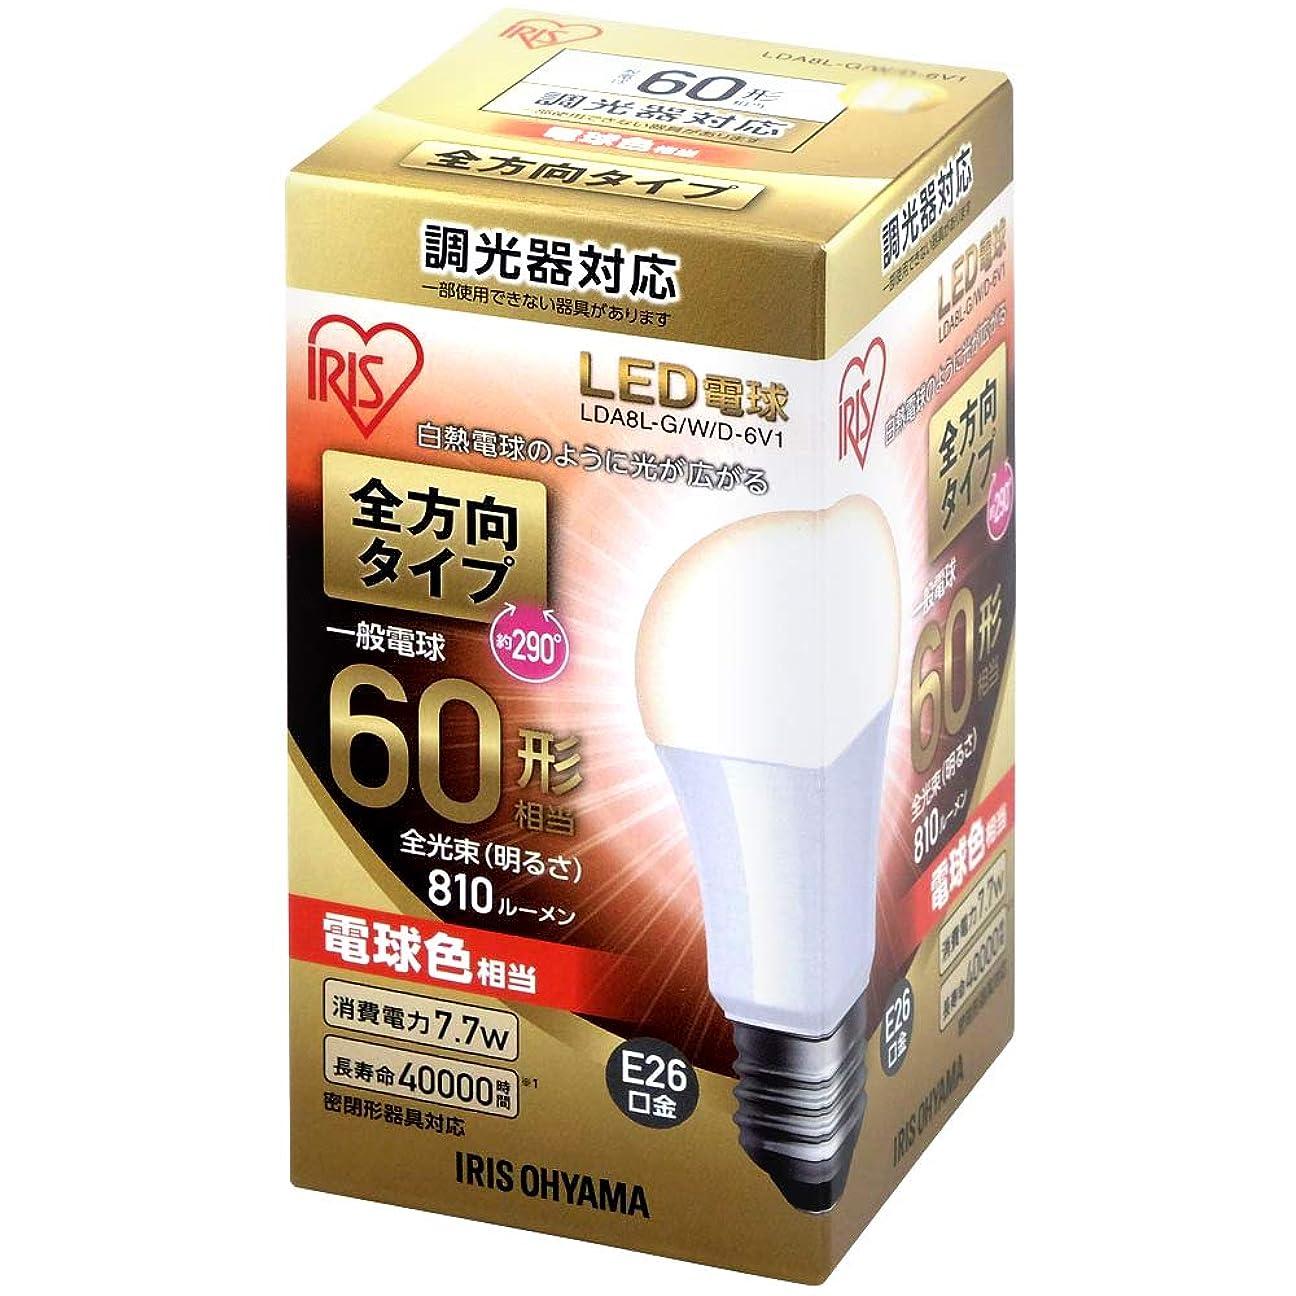 放課後作詞家成功アイリスオーヤマ LED電球 口金直径26mm 60W形相当 電球色 全方向タイプ 調光器対応 LDA8L-G/W/D-6V1